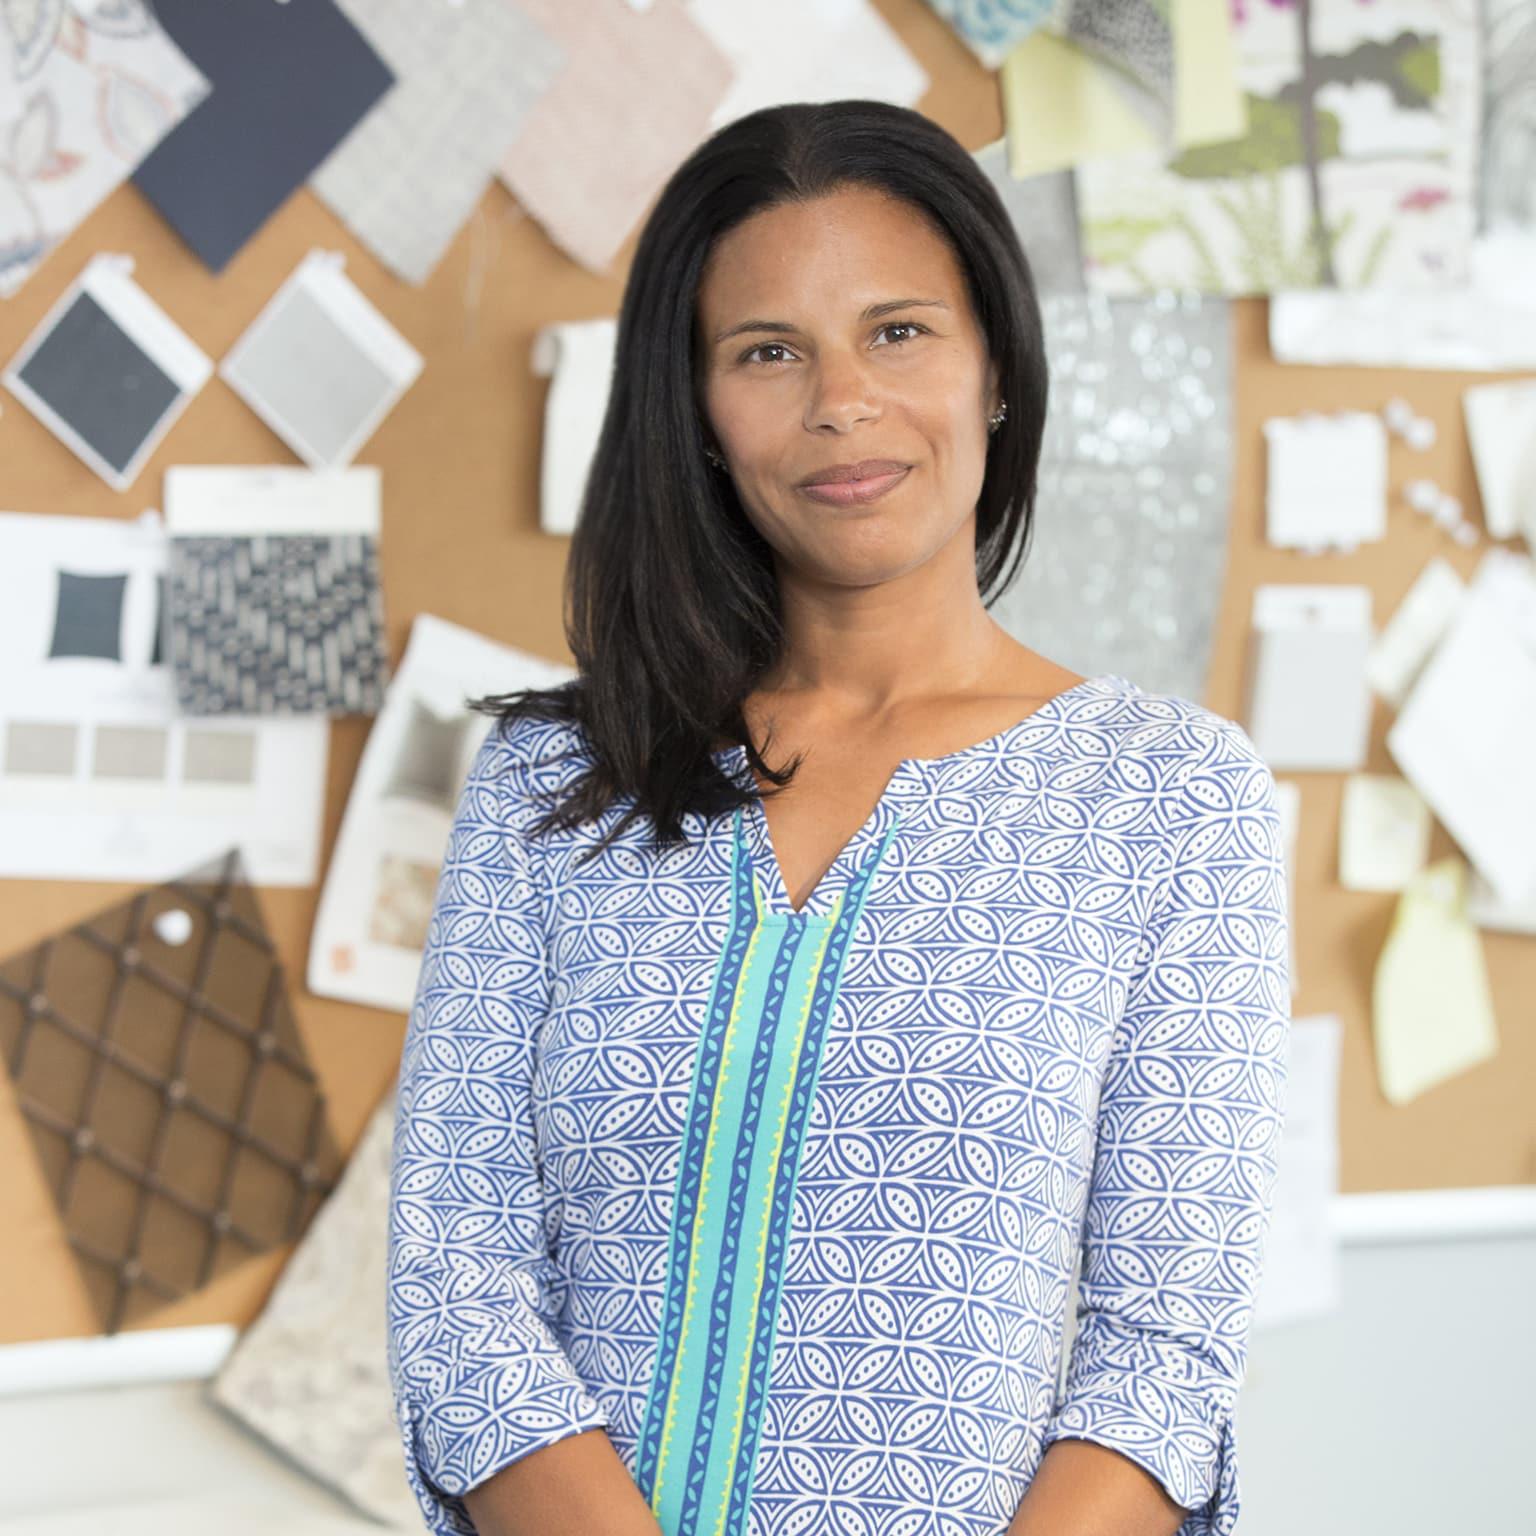 Mindy Haber Senior Interior Designer Headshot